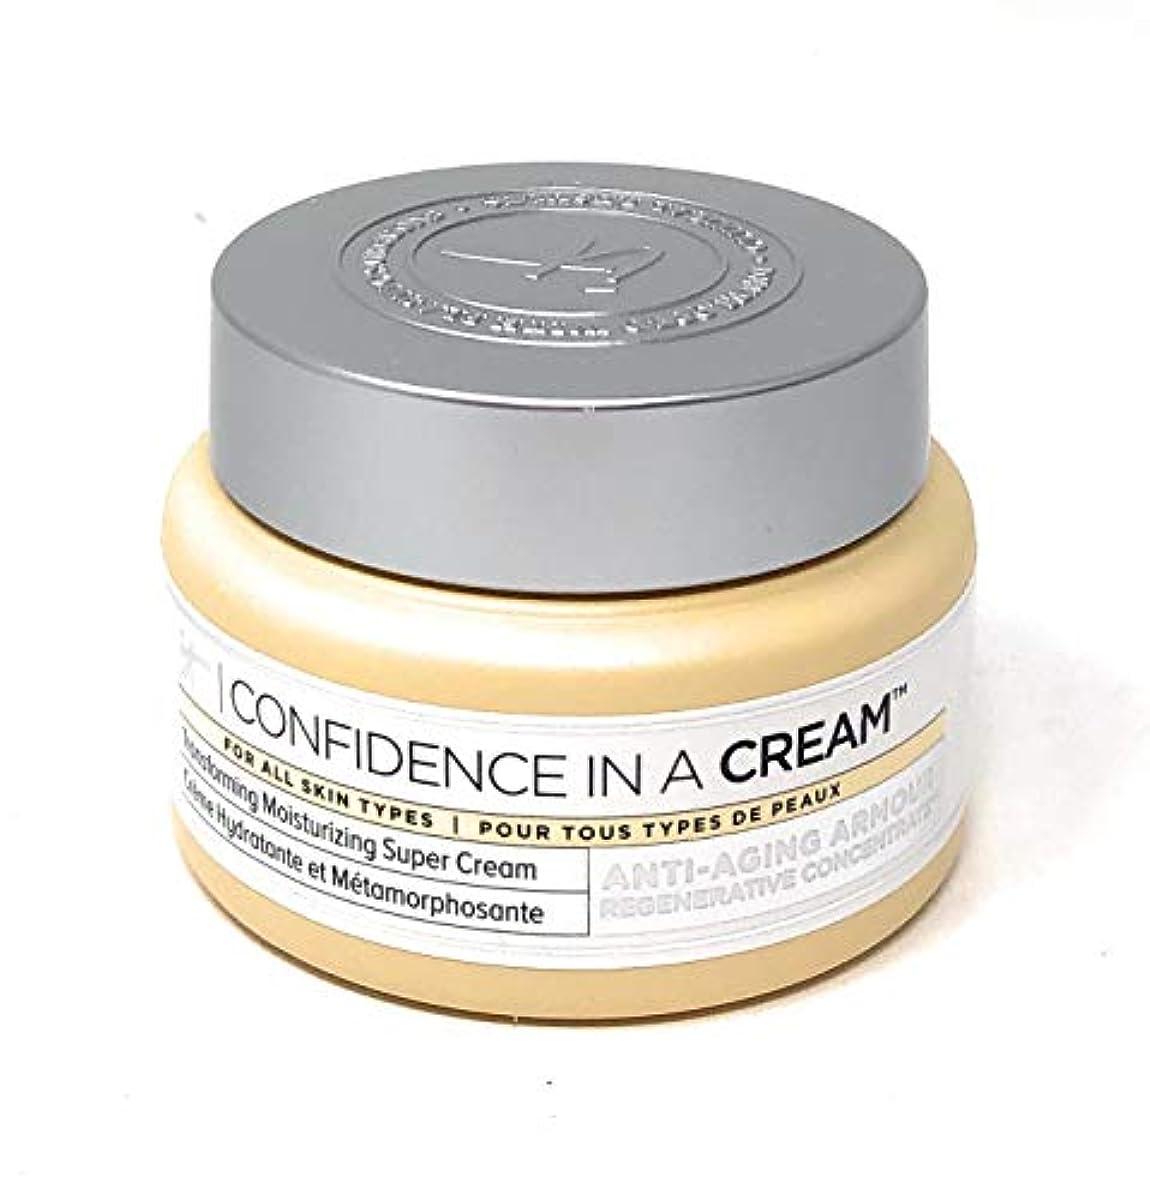 記念日ストリーム引き渡すIt Cosmetics Confidence in a Cream Moisturizer 2 Ouncesクリームモイスチャライザー